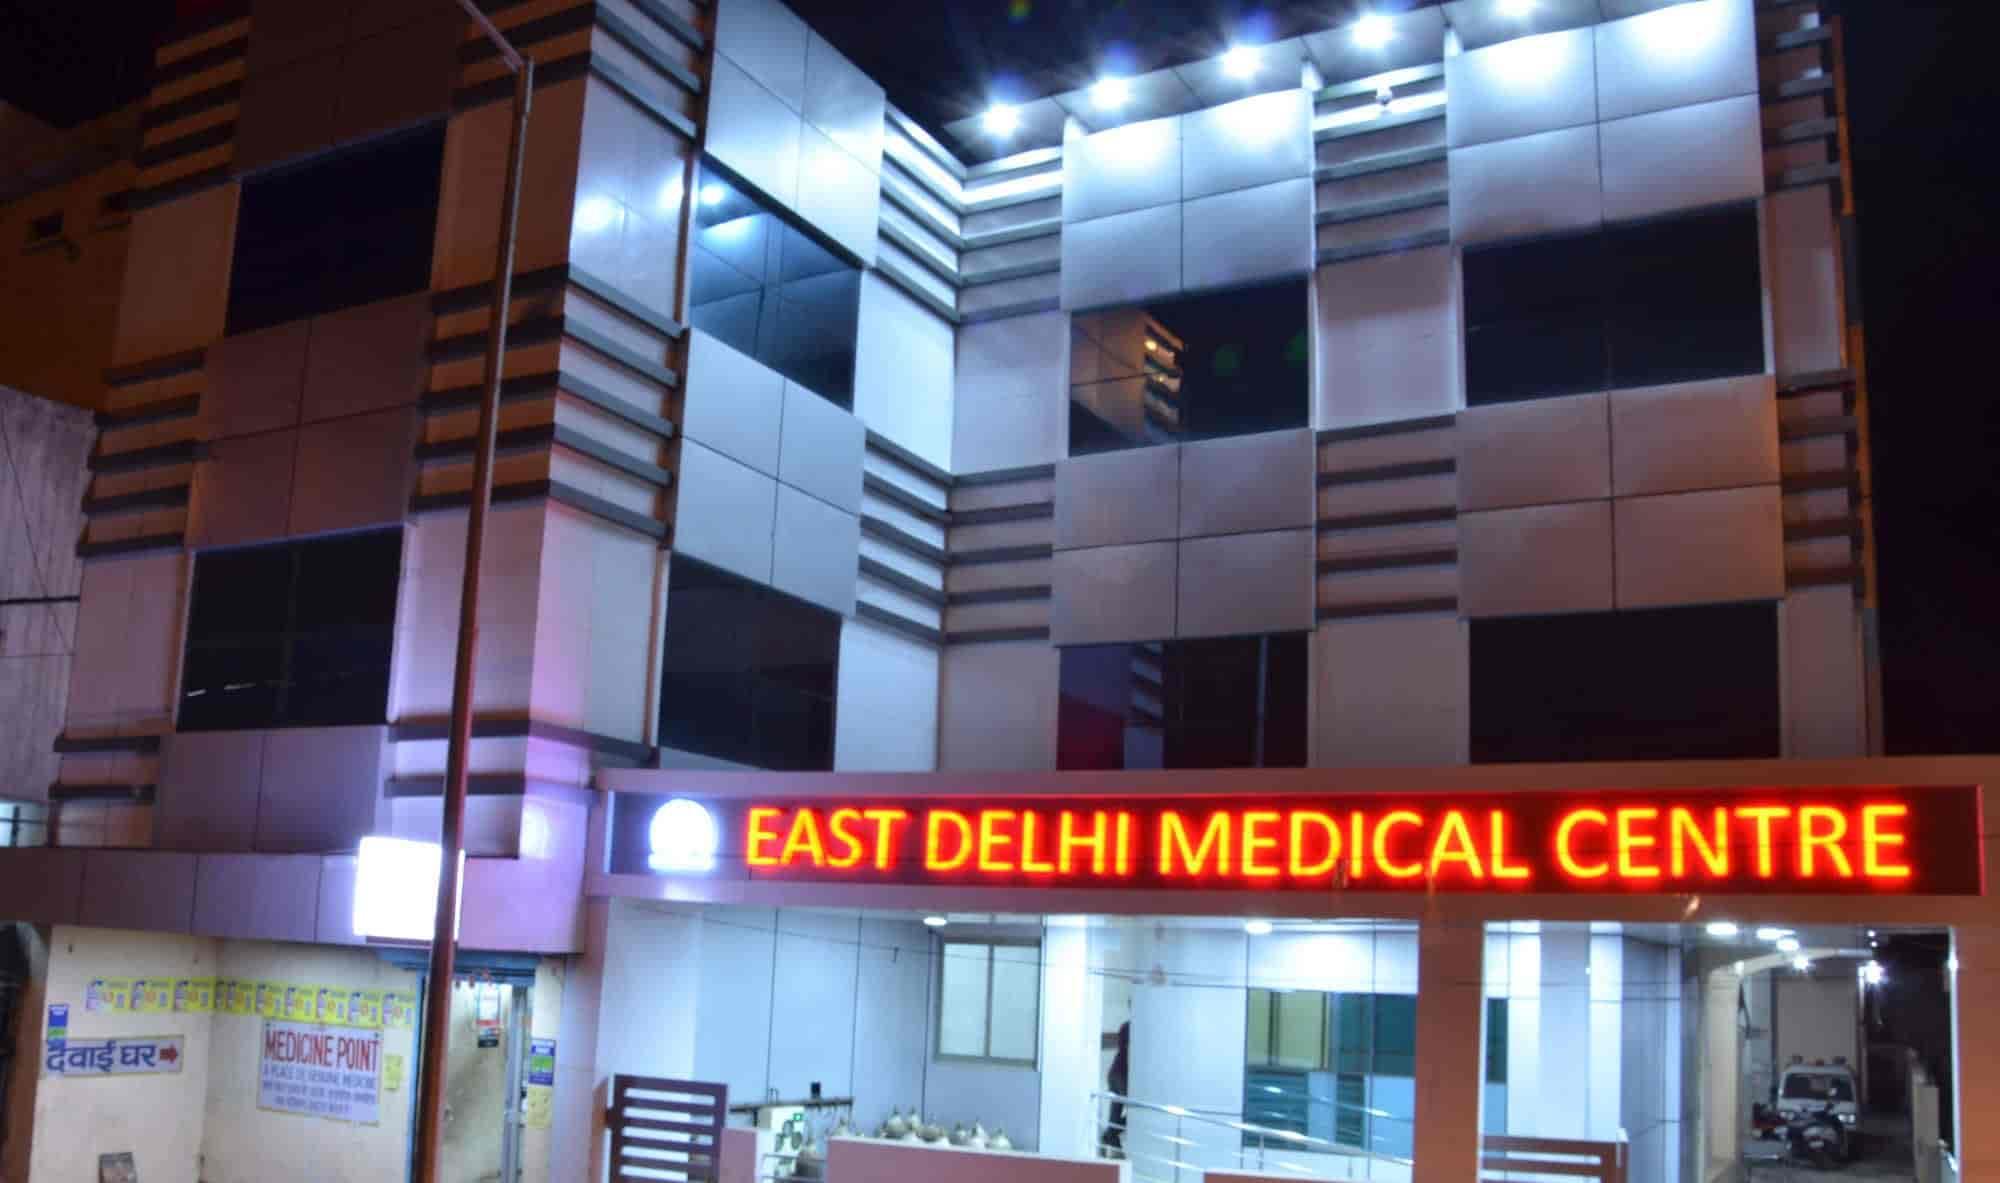 East Delhi Medical Centre - Paediatricians - Book